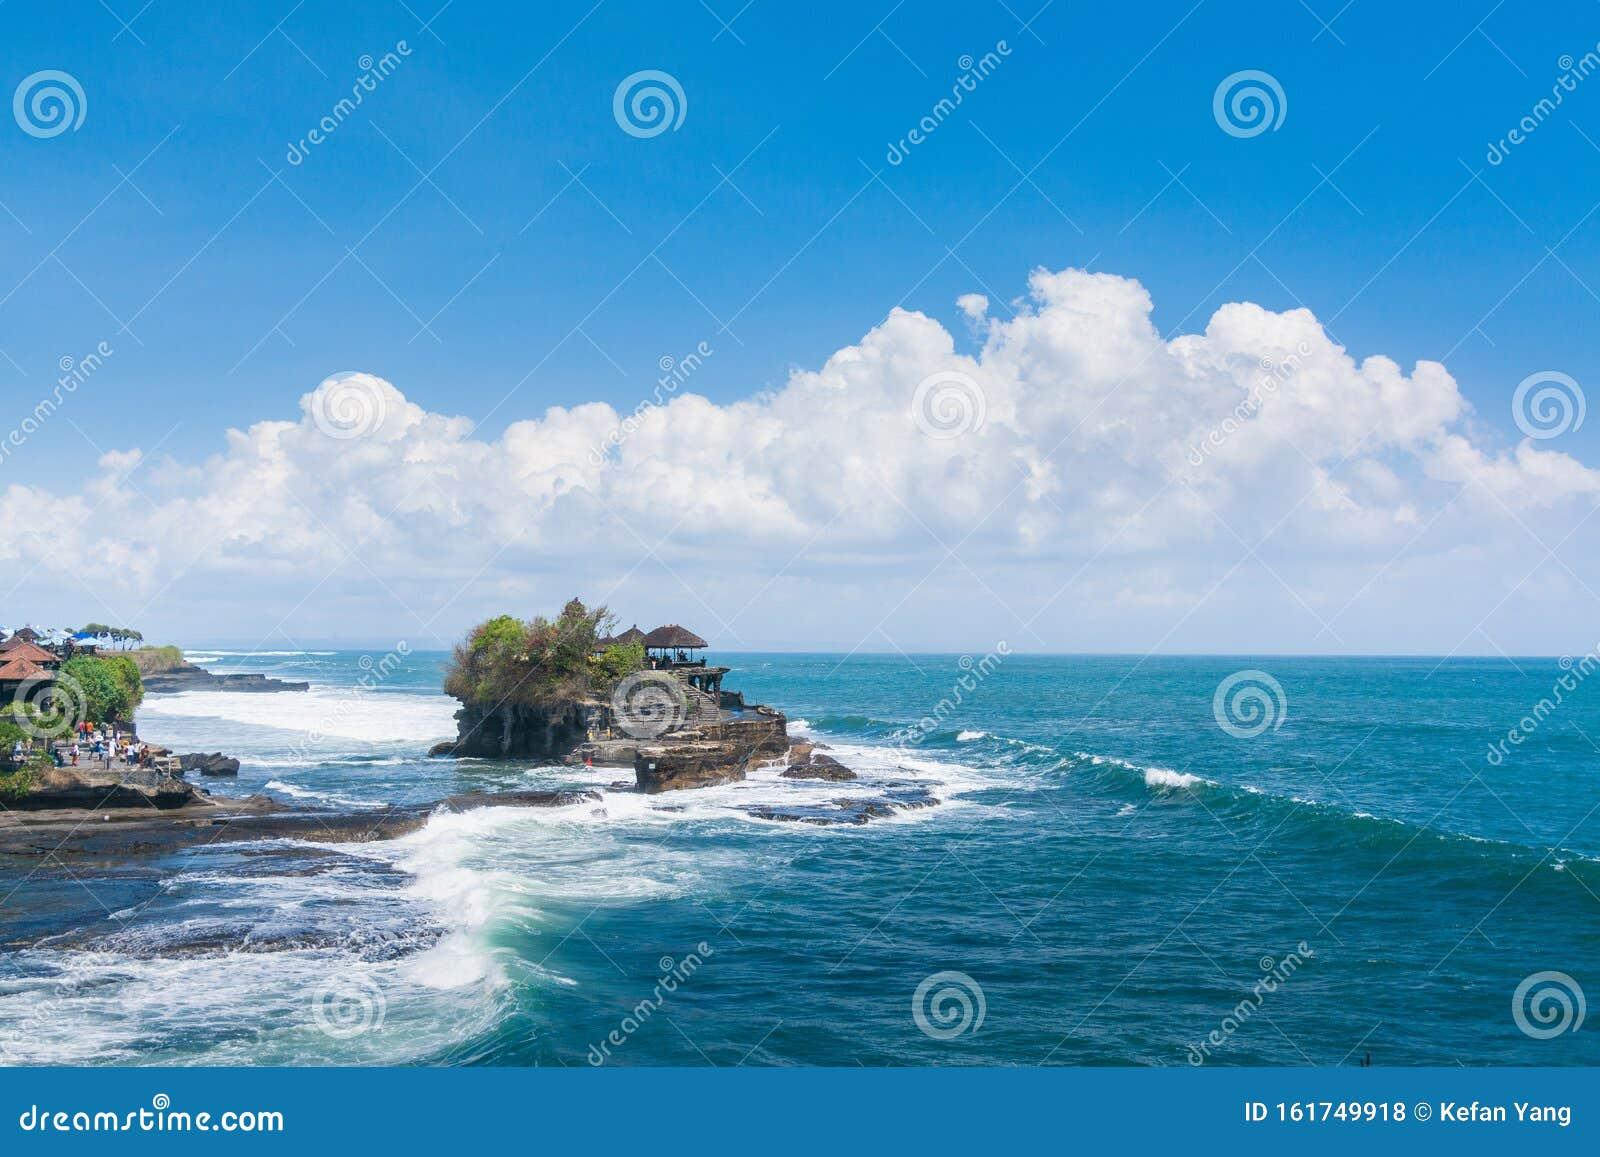 Bali Island Vacation Paradise Travel Lembongan Island Indonesia Stock Photo Image Of Gods Flowers 161749918